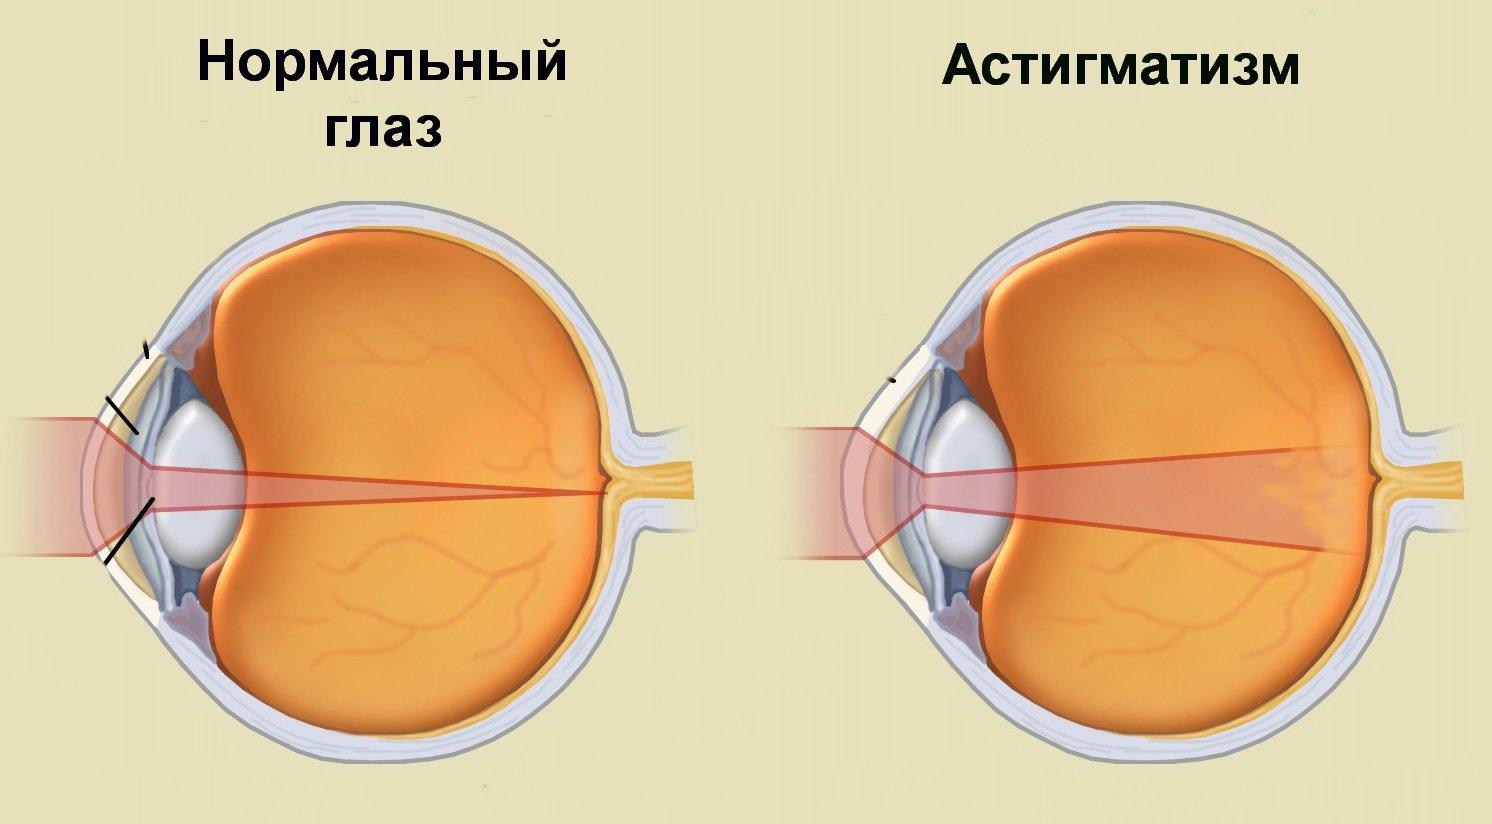 Gyakorlati gyakorlatok a látás helyreállításához. 10 egyszerű gyakorlat a látás helyreállításához